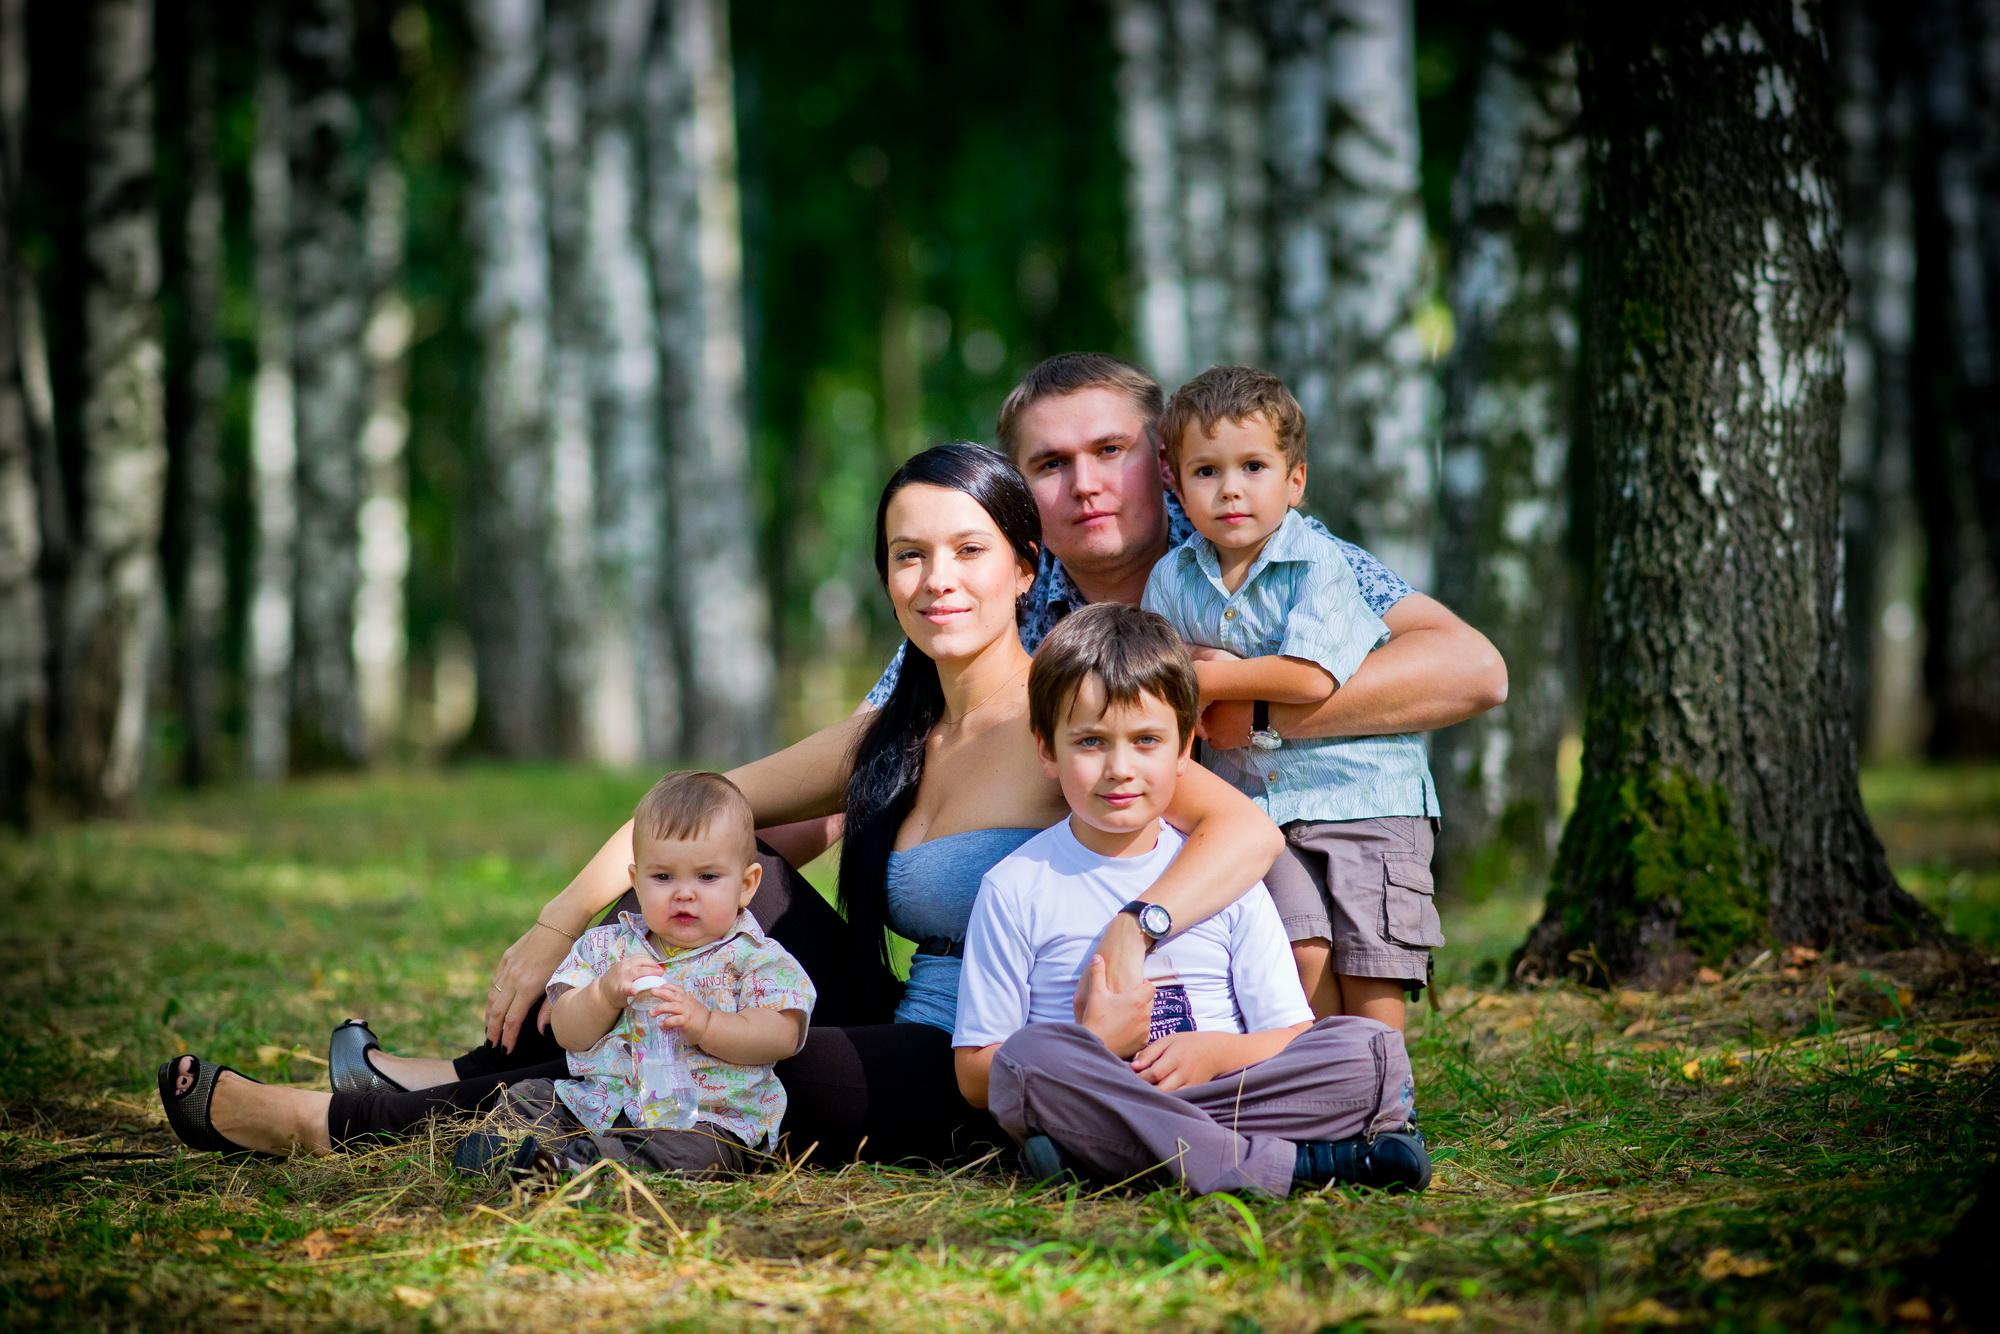 Правительство выделит дополнительно 21 млрд рублей на выплаты малоимущим семьям с детьми